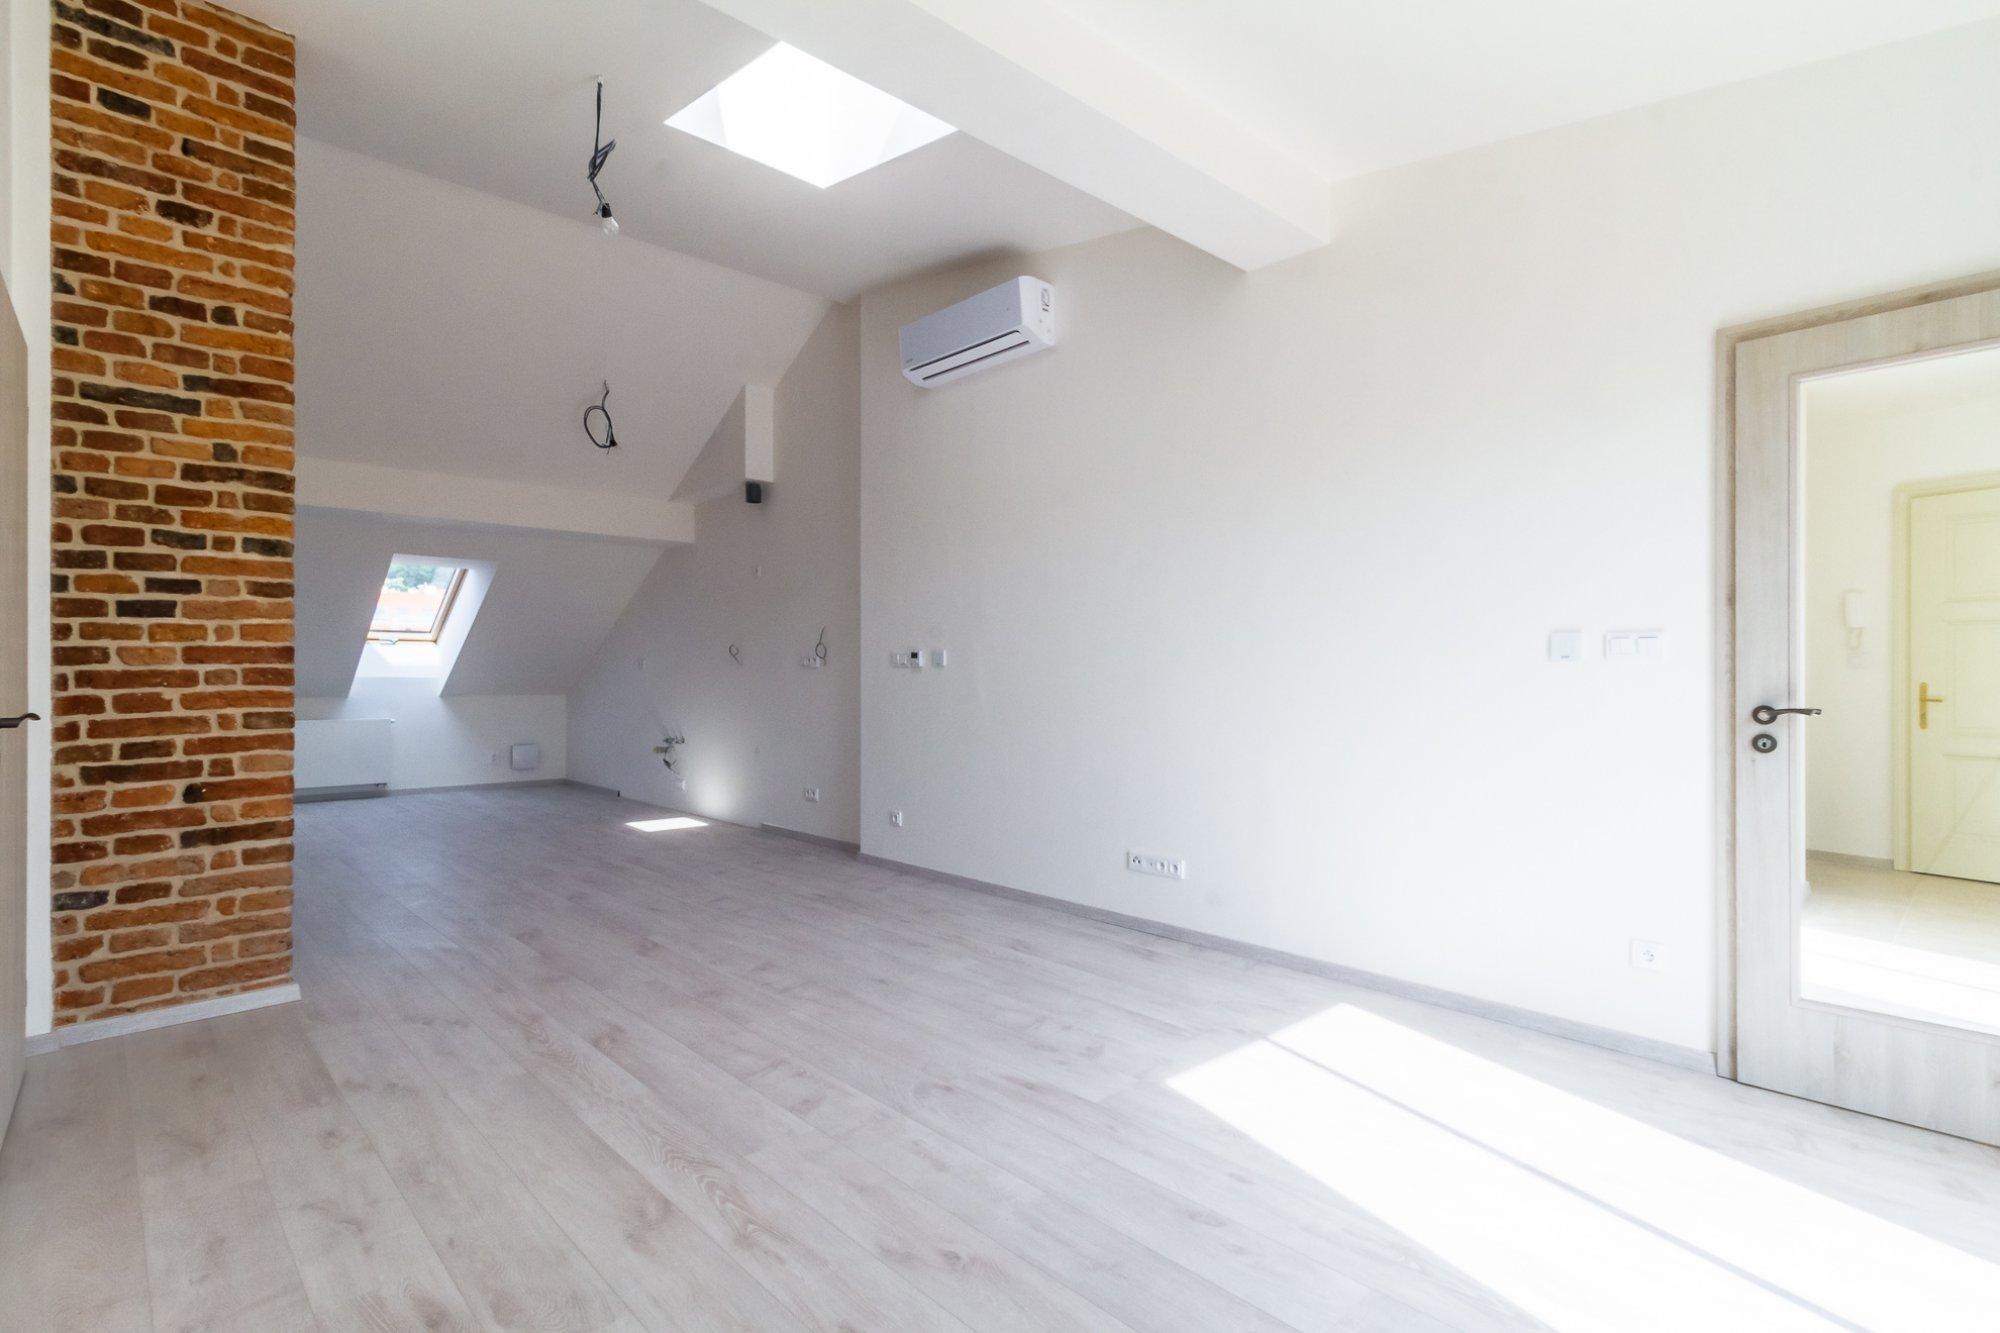 Půdní byt 3+kk, plocha 121 m², ulice Štefánikova, Praha 5 - Smíchov | 2